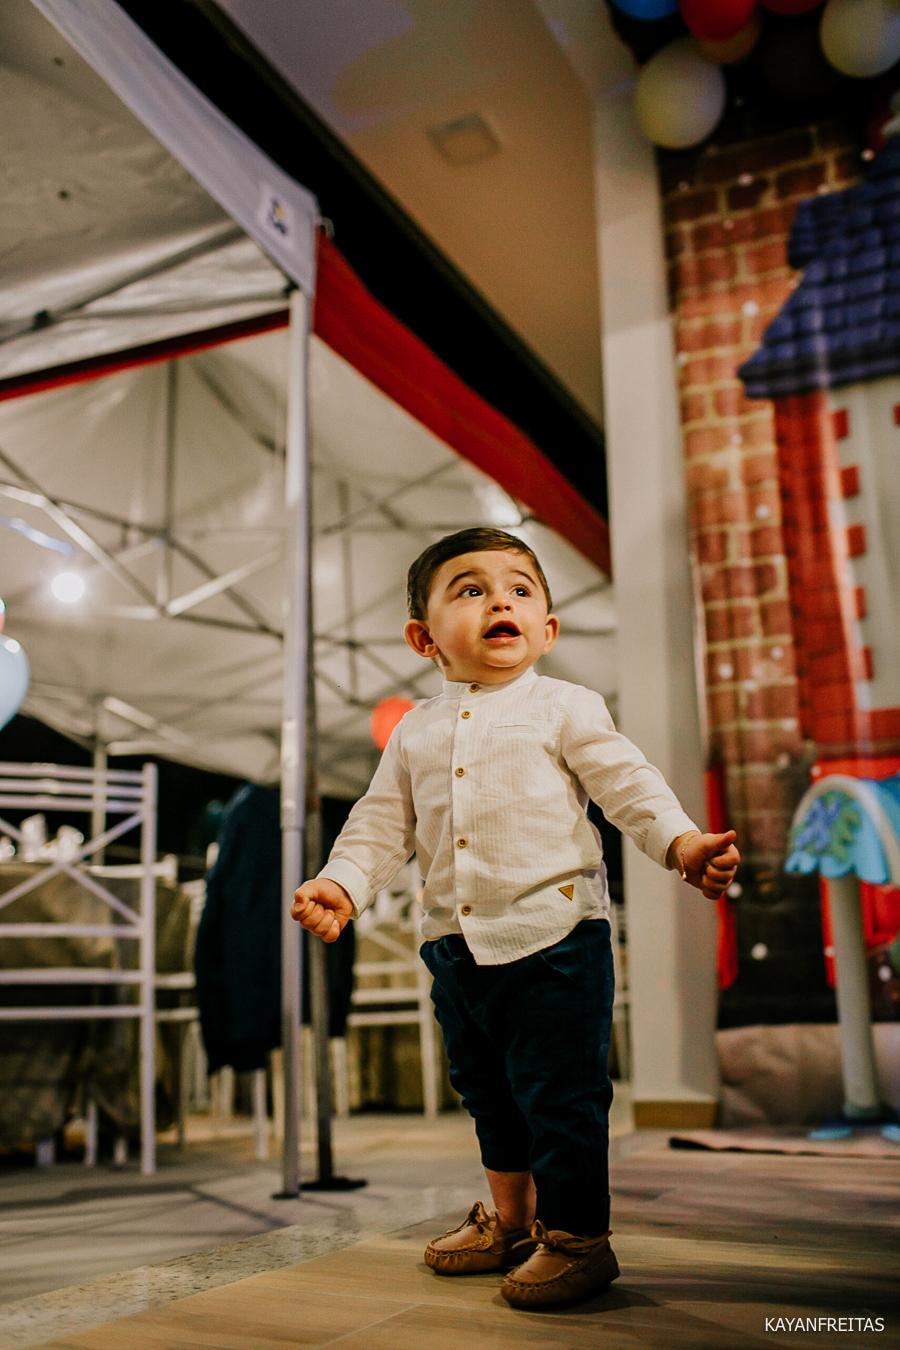 aniversario-infantil-vicente-0030 Aniversário de 1 ano em São José - Vicente